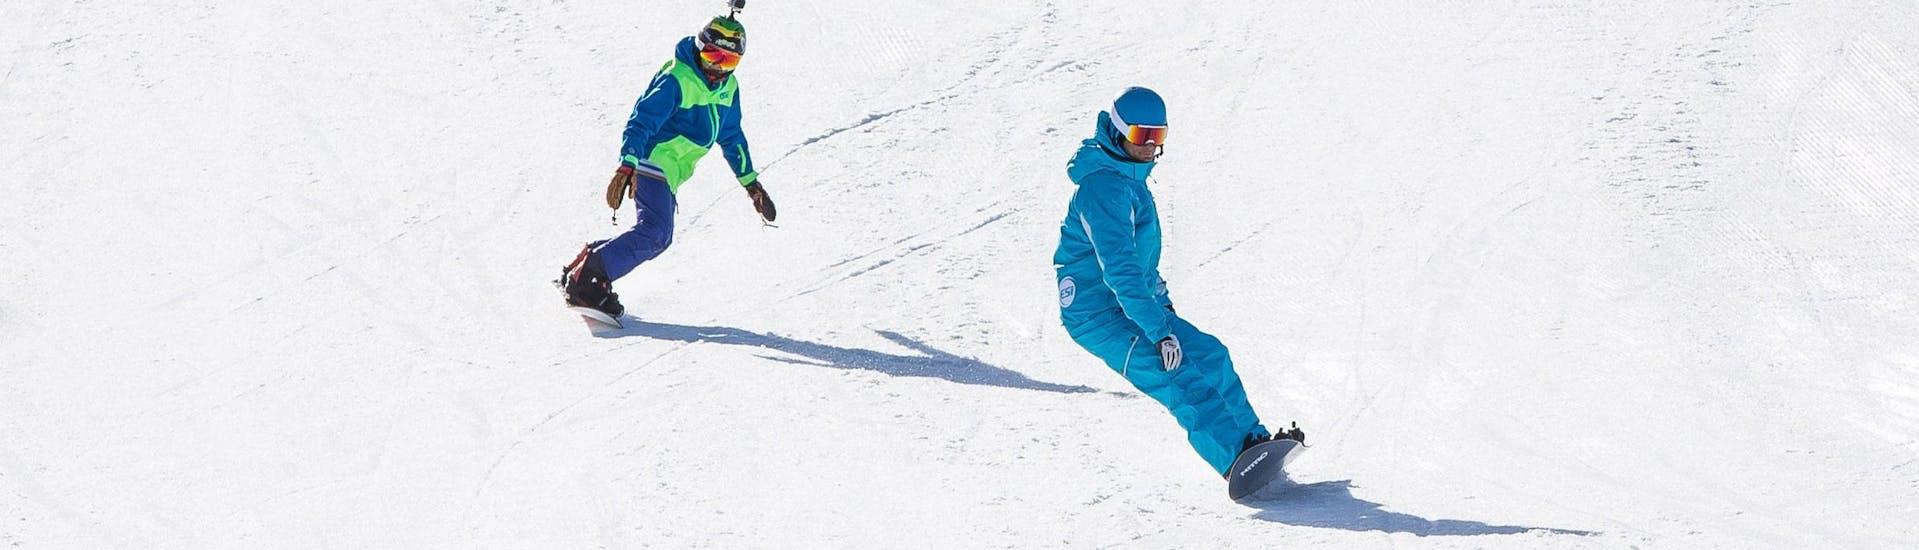 Un snowboardeur suit son moniteur de snowboard de l'école de ski ESI Snow Diam's le long d'une piste enneigée pendant son Cours particulier de snowboard - Notre-Dame de Bellecombe.